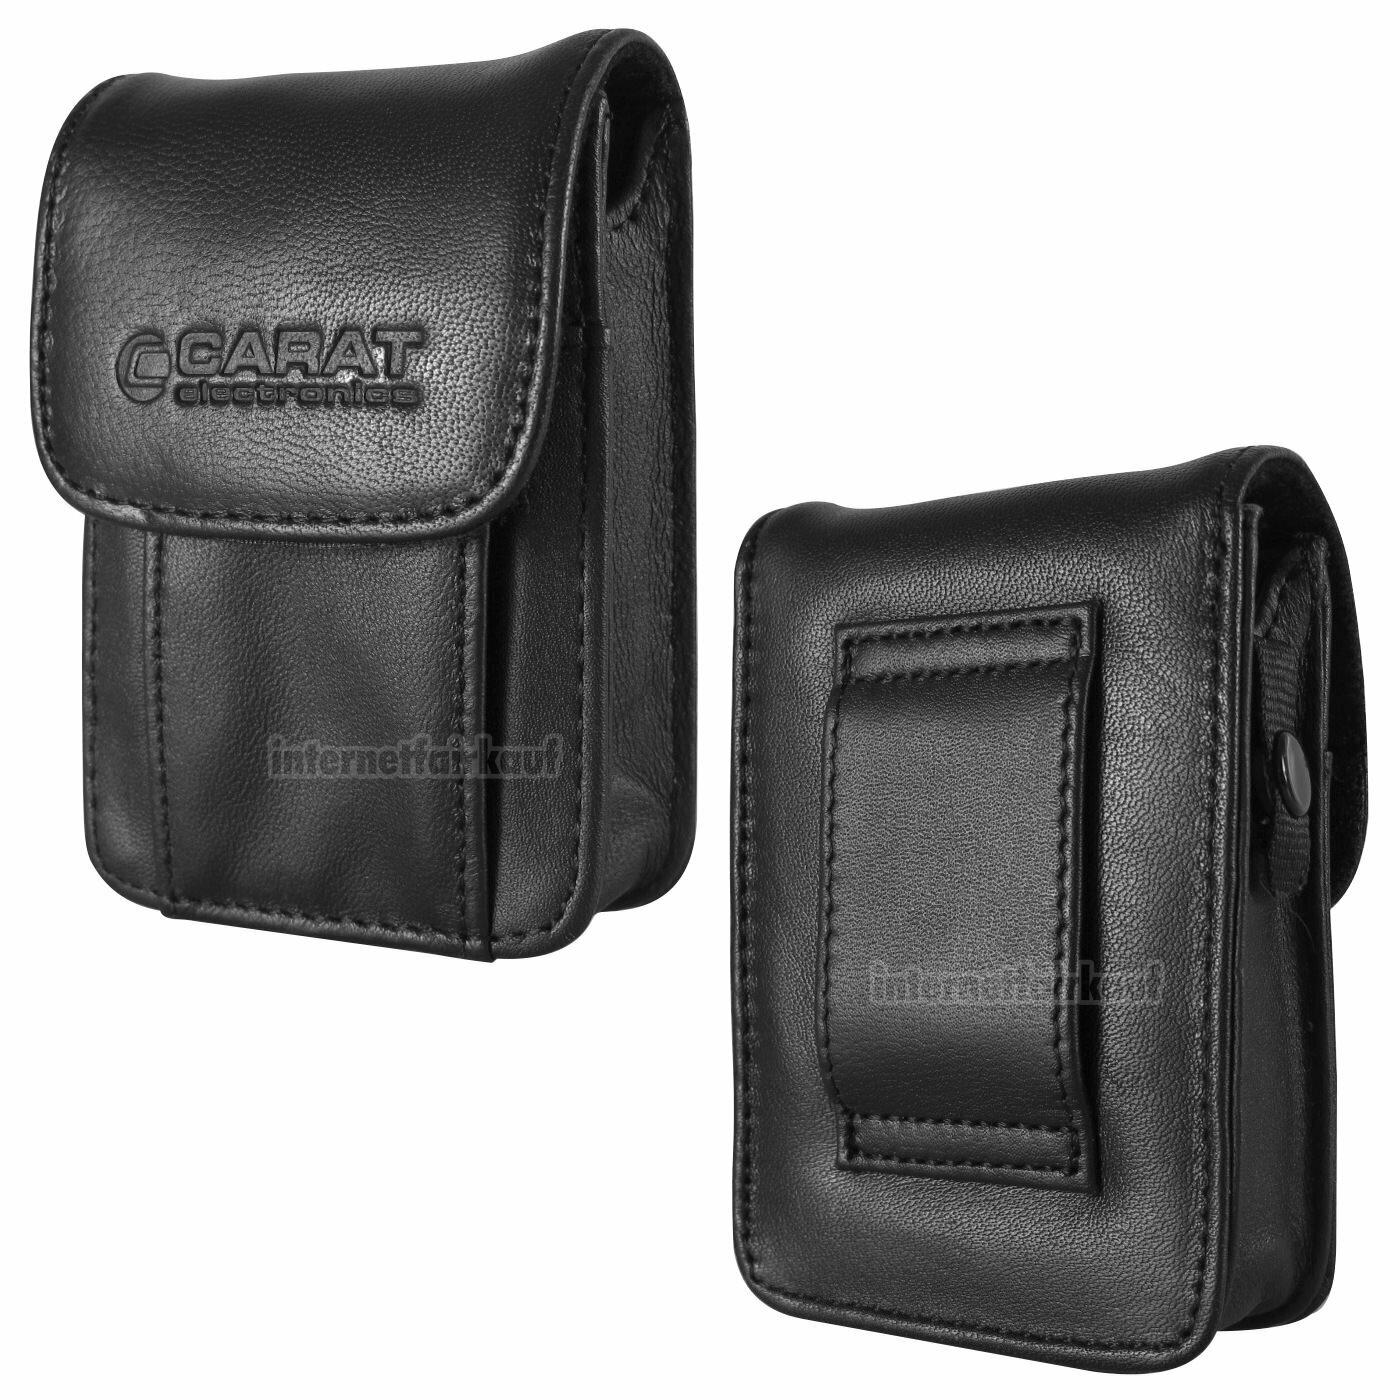 Fototasche Kameratasche passend für Sony DSC-W810 DSC-W800 Leder Etui